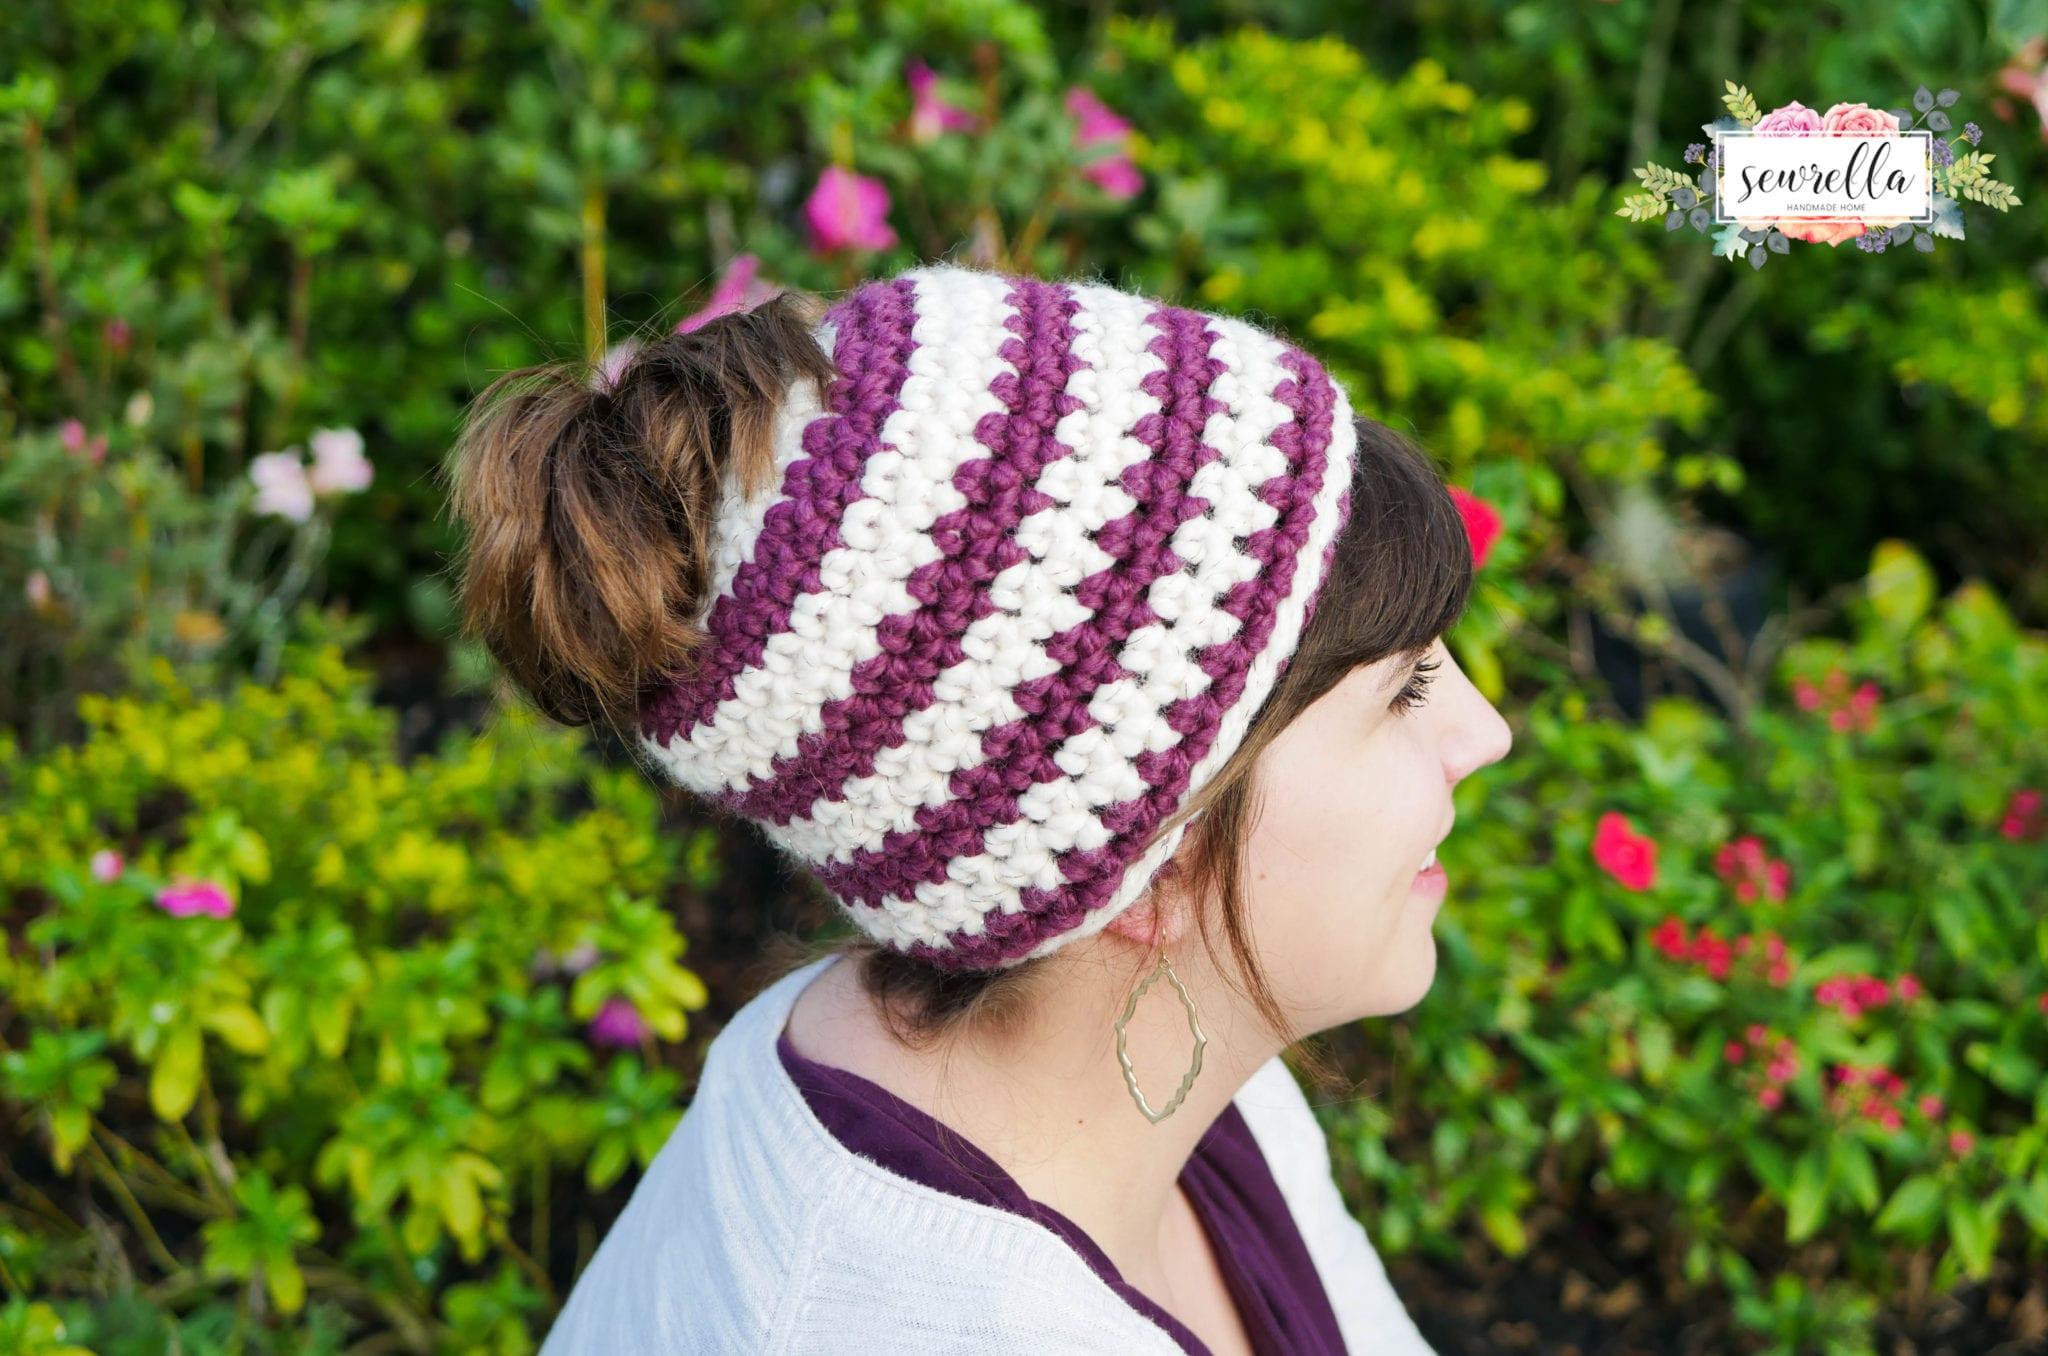 573a1b22f4c Crochet 1 hour Messy Bun Beanie - Sewrella